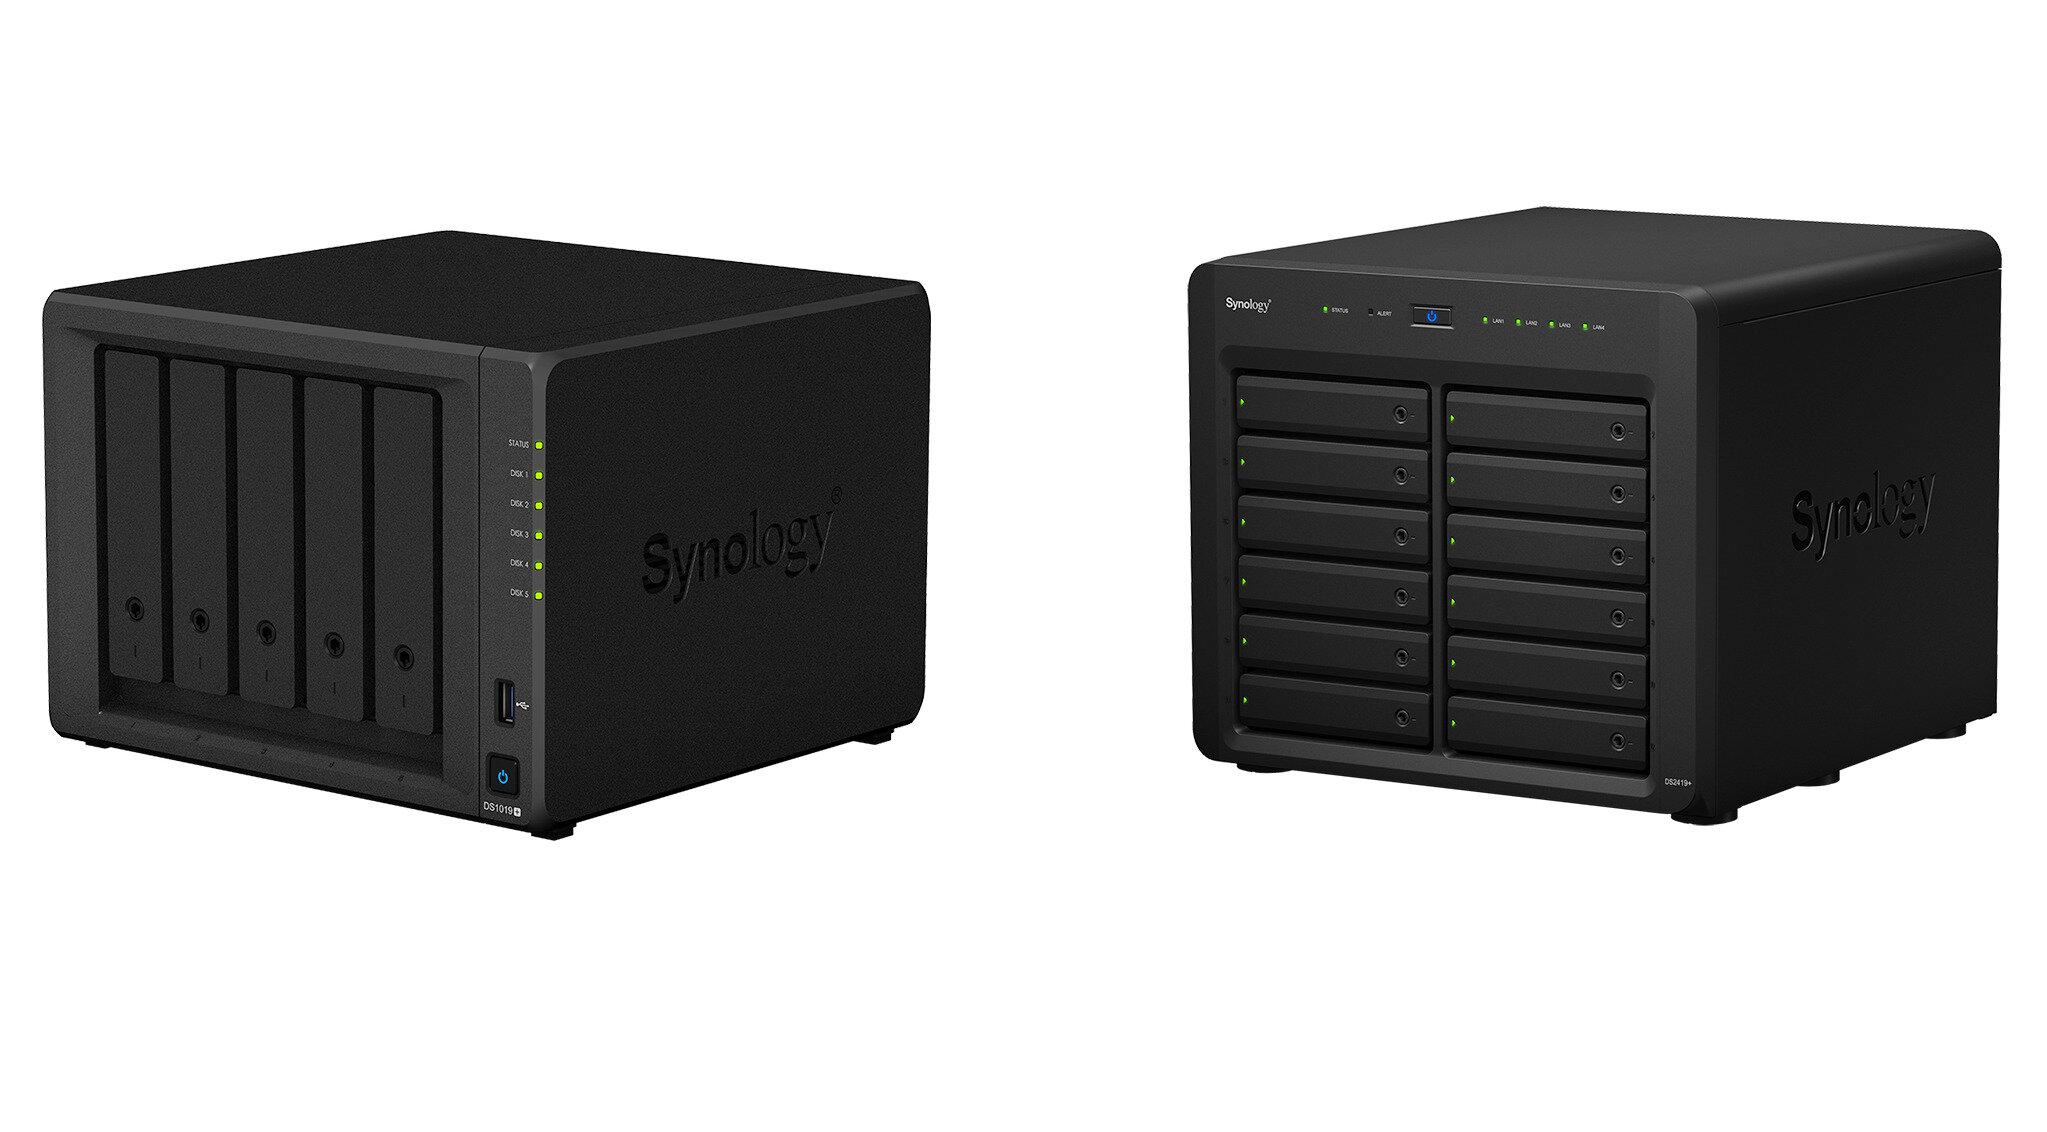 Synology lance les DS1019+ et DS2419+ : surtout une hausse de mémoire